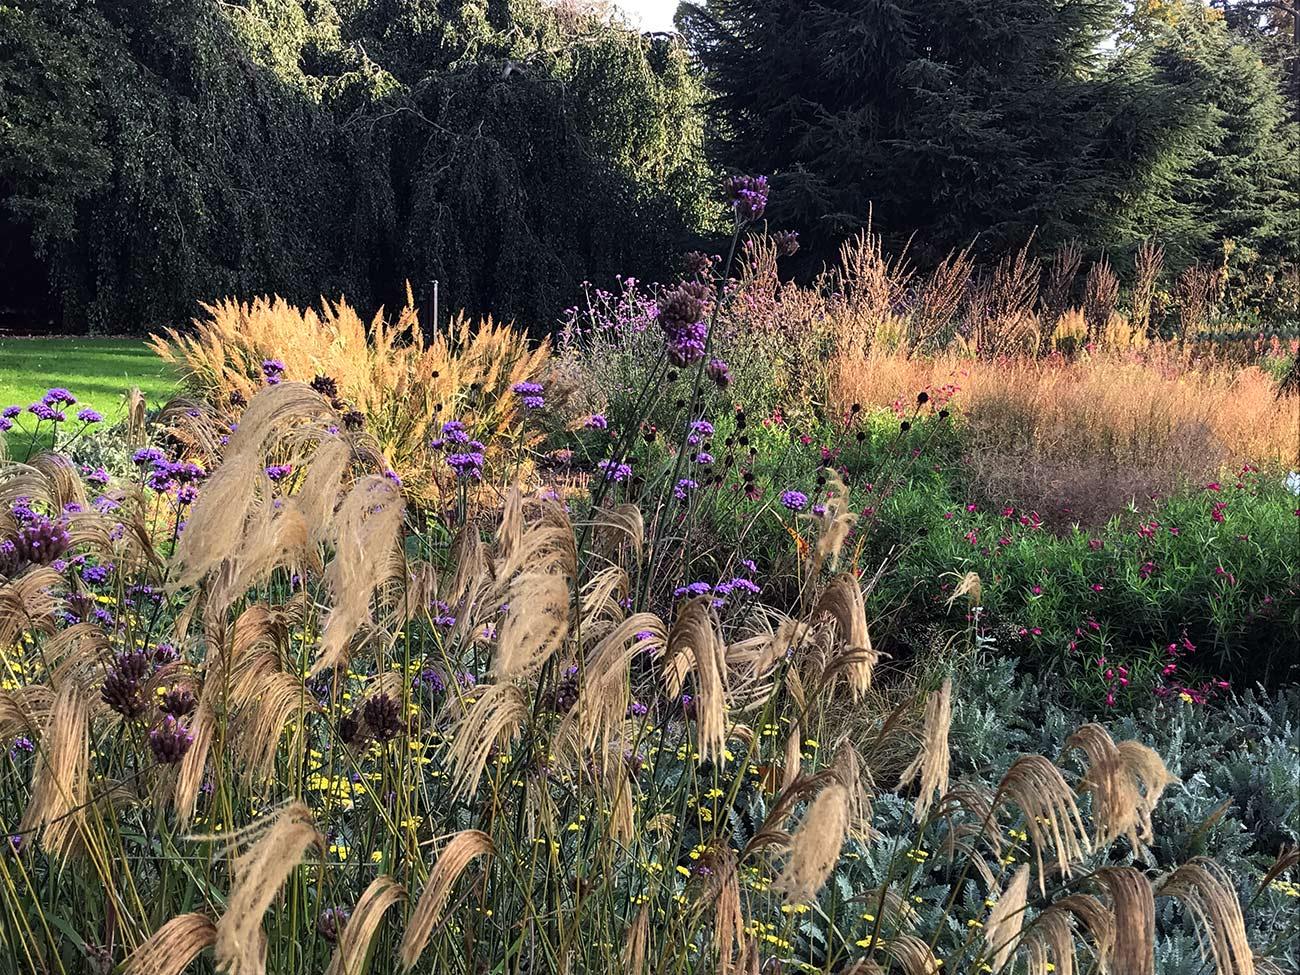 Jardin anglais - ambiance massif d'automne - Architecte paysagiste concepteur - Atelier Naudier - Montpellier & Aix en Provence - aménagement jardin